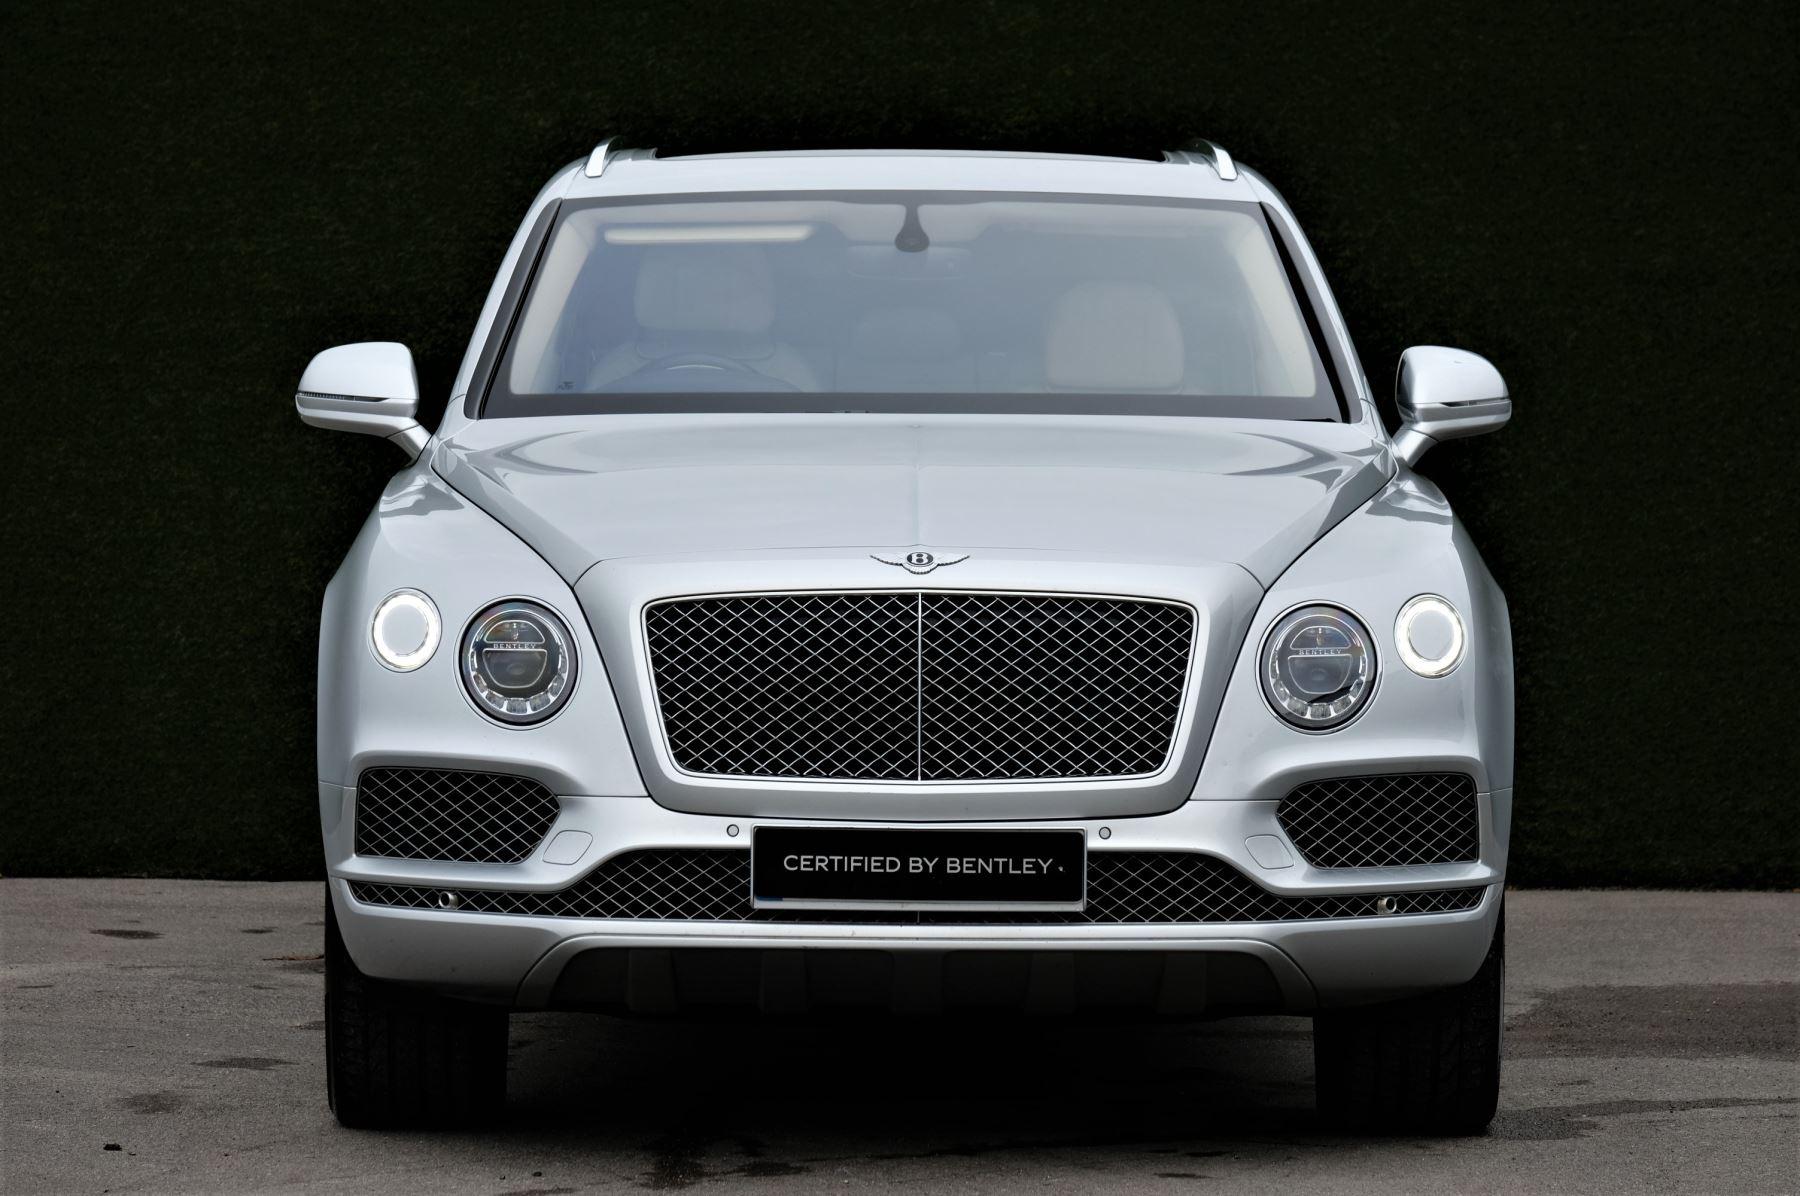 Bentley Bentayga 6.0 W12 5dr image 2